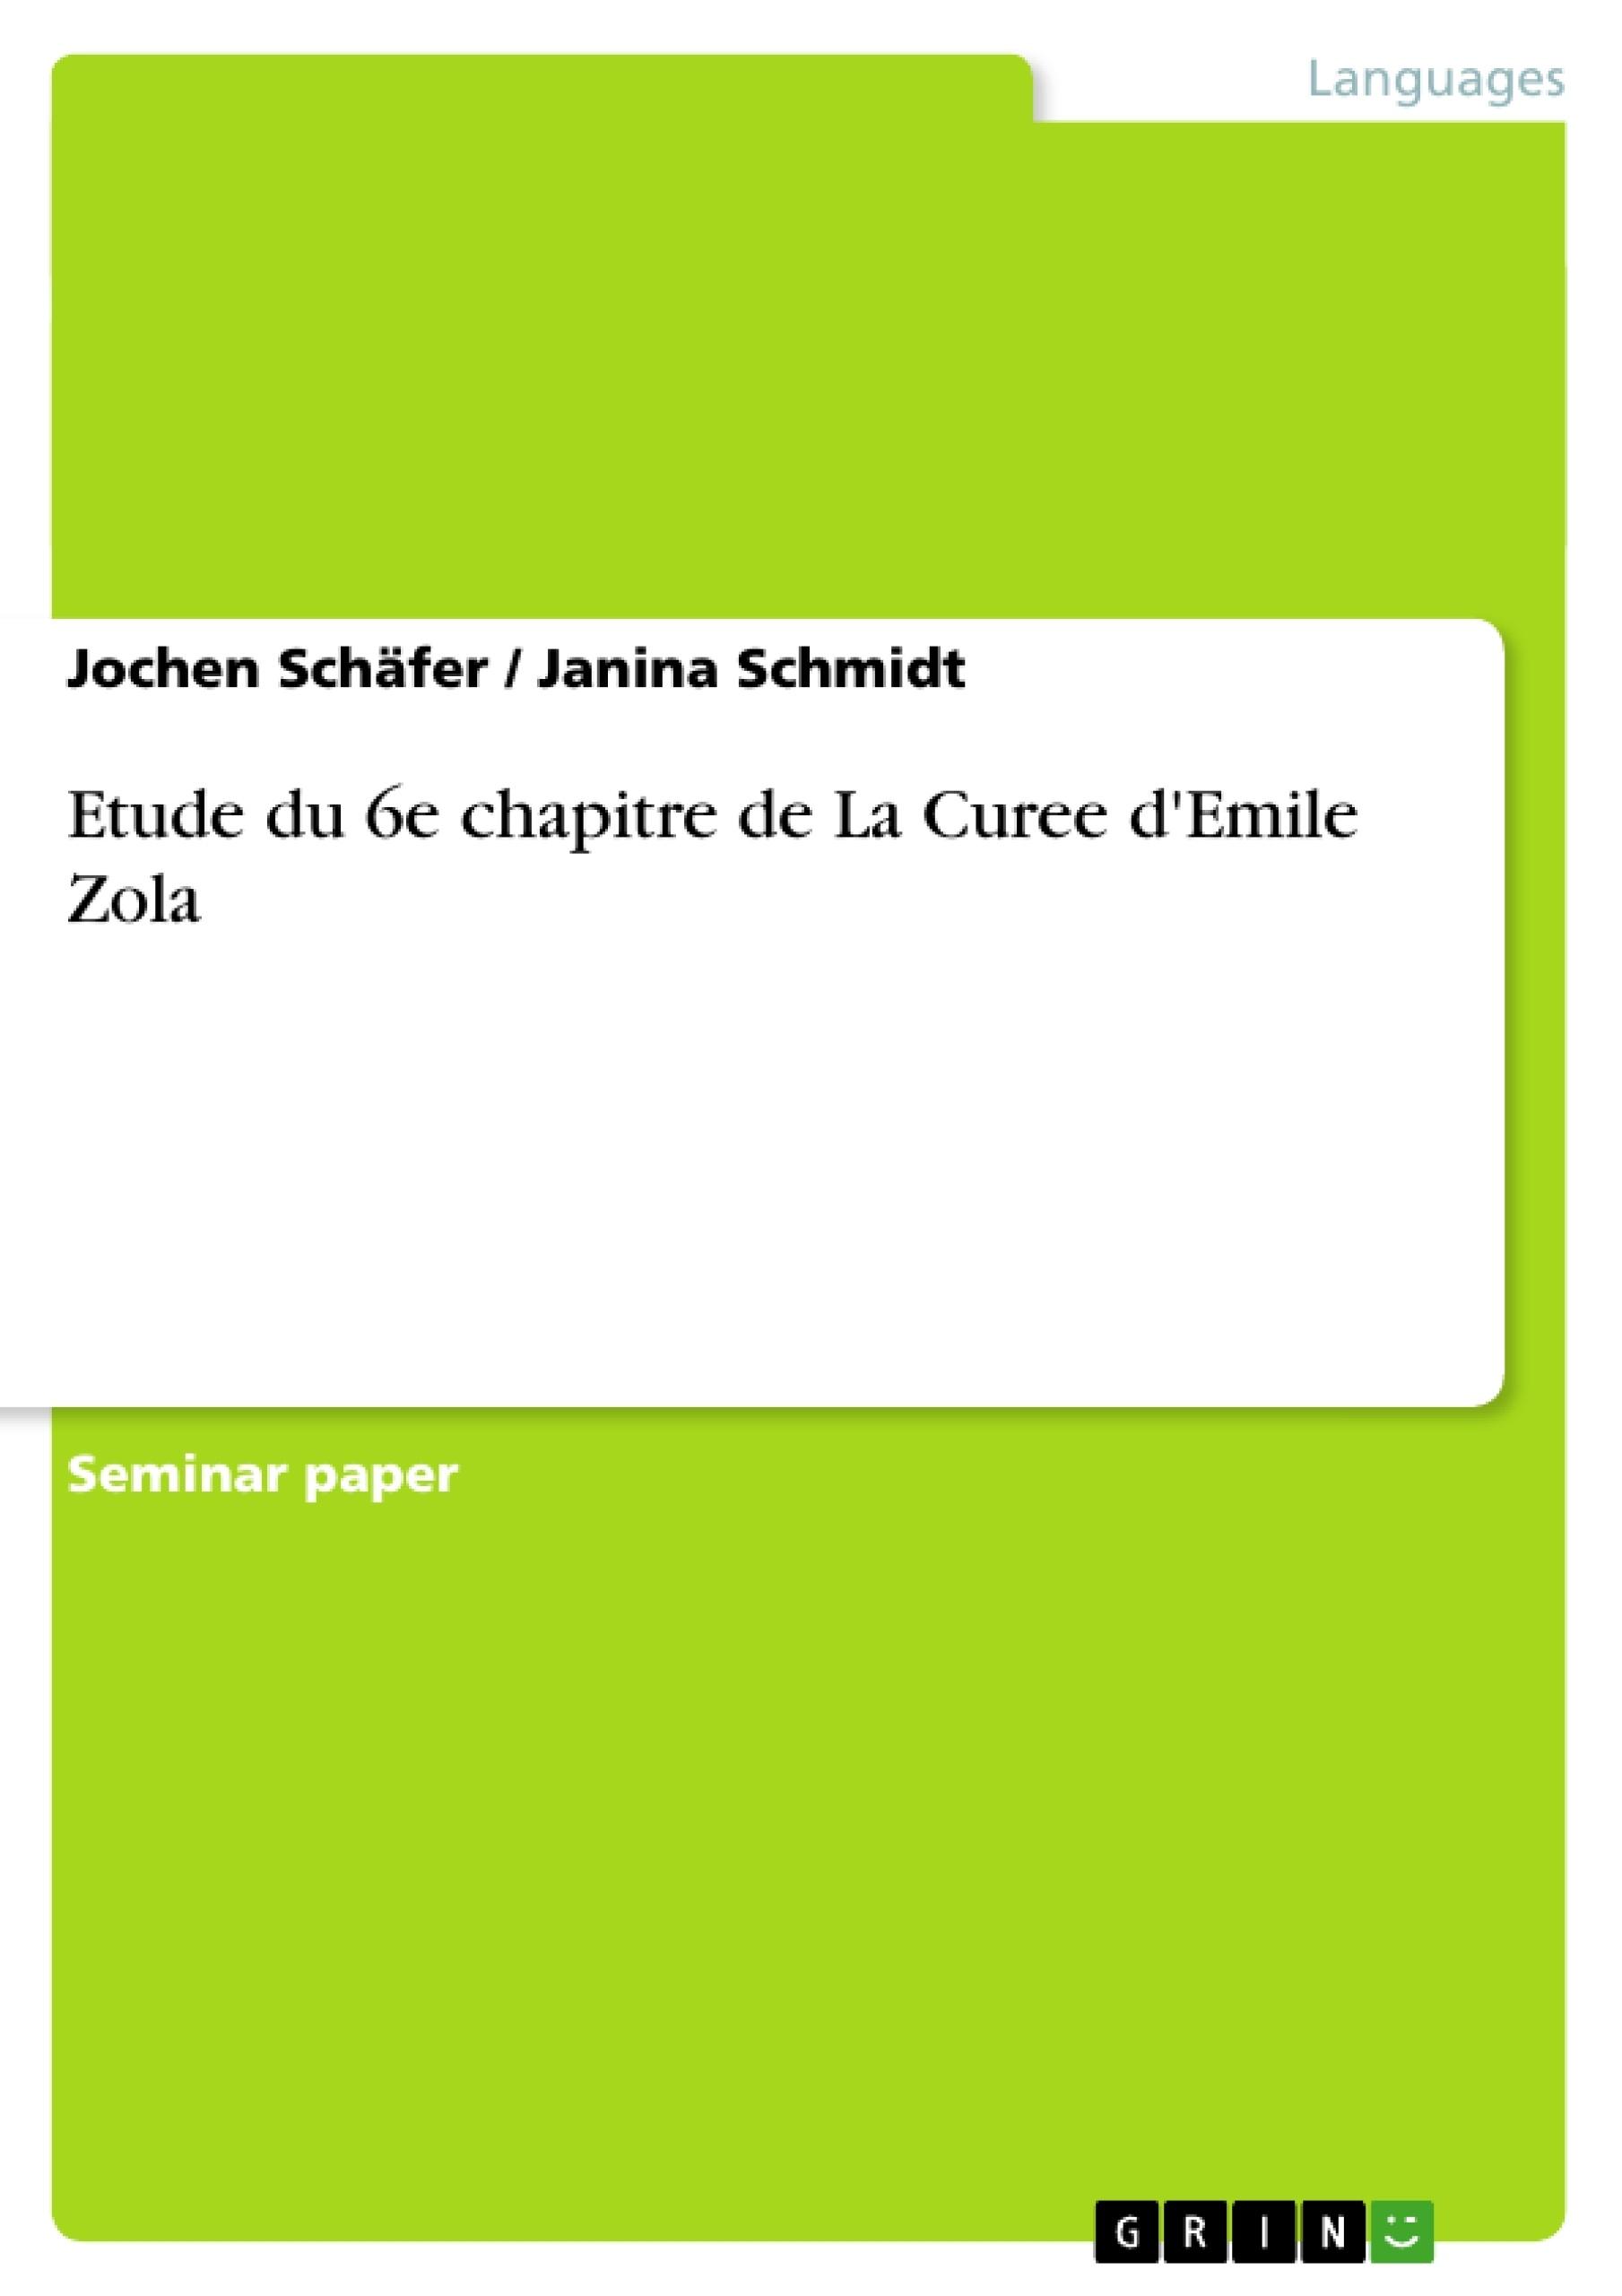 Titre: Etude du 6e chapitre de La Curee d'Emile Zola